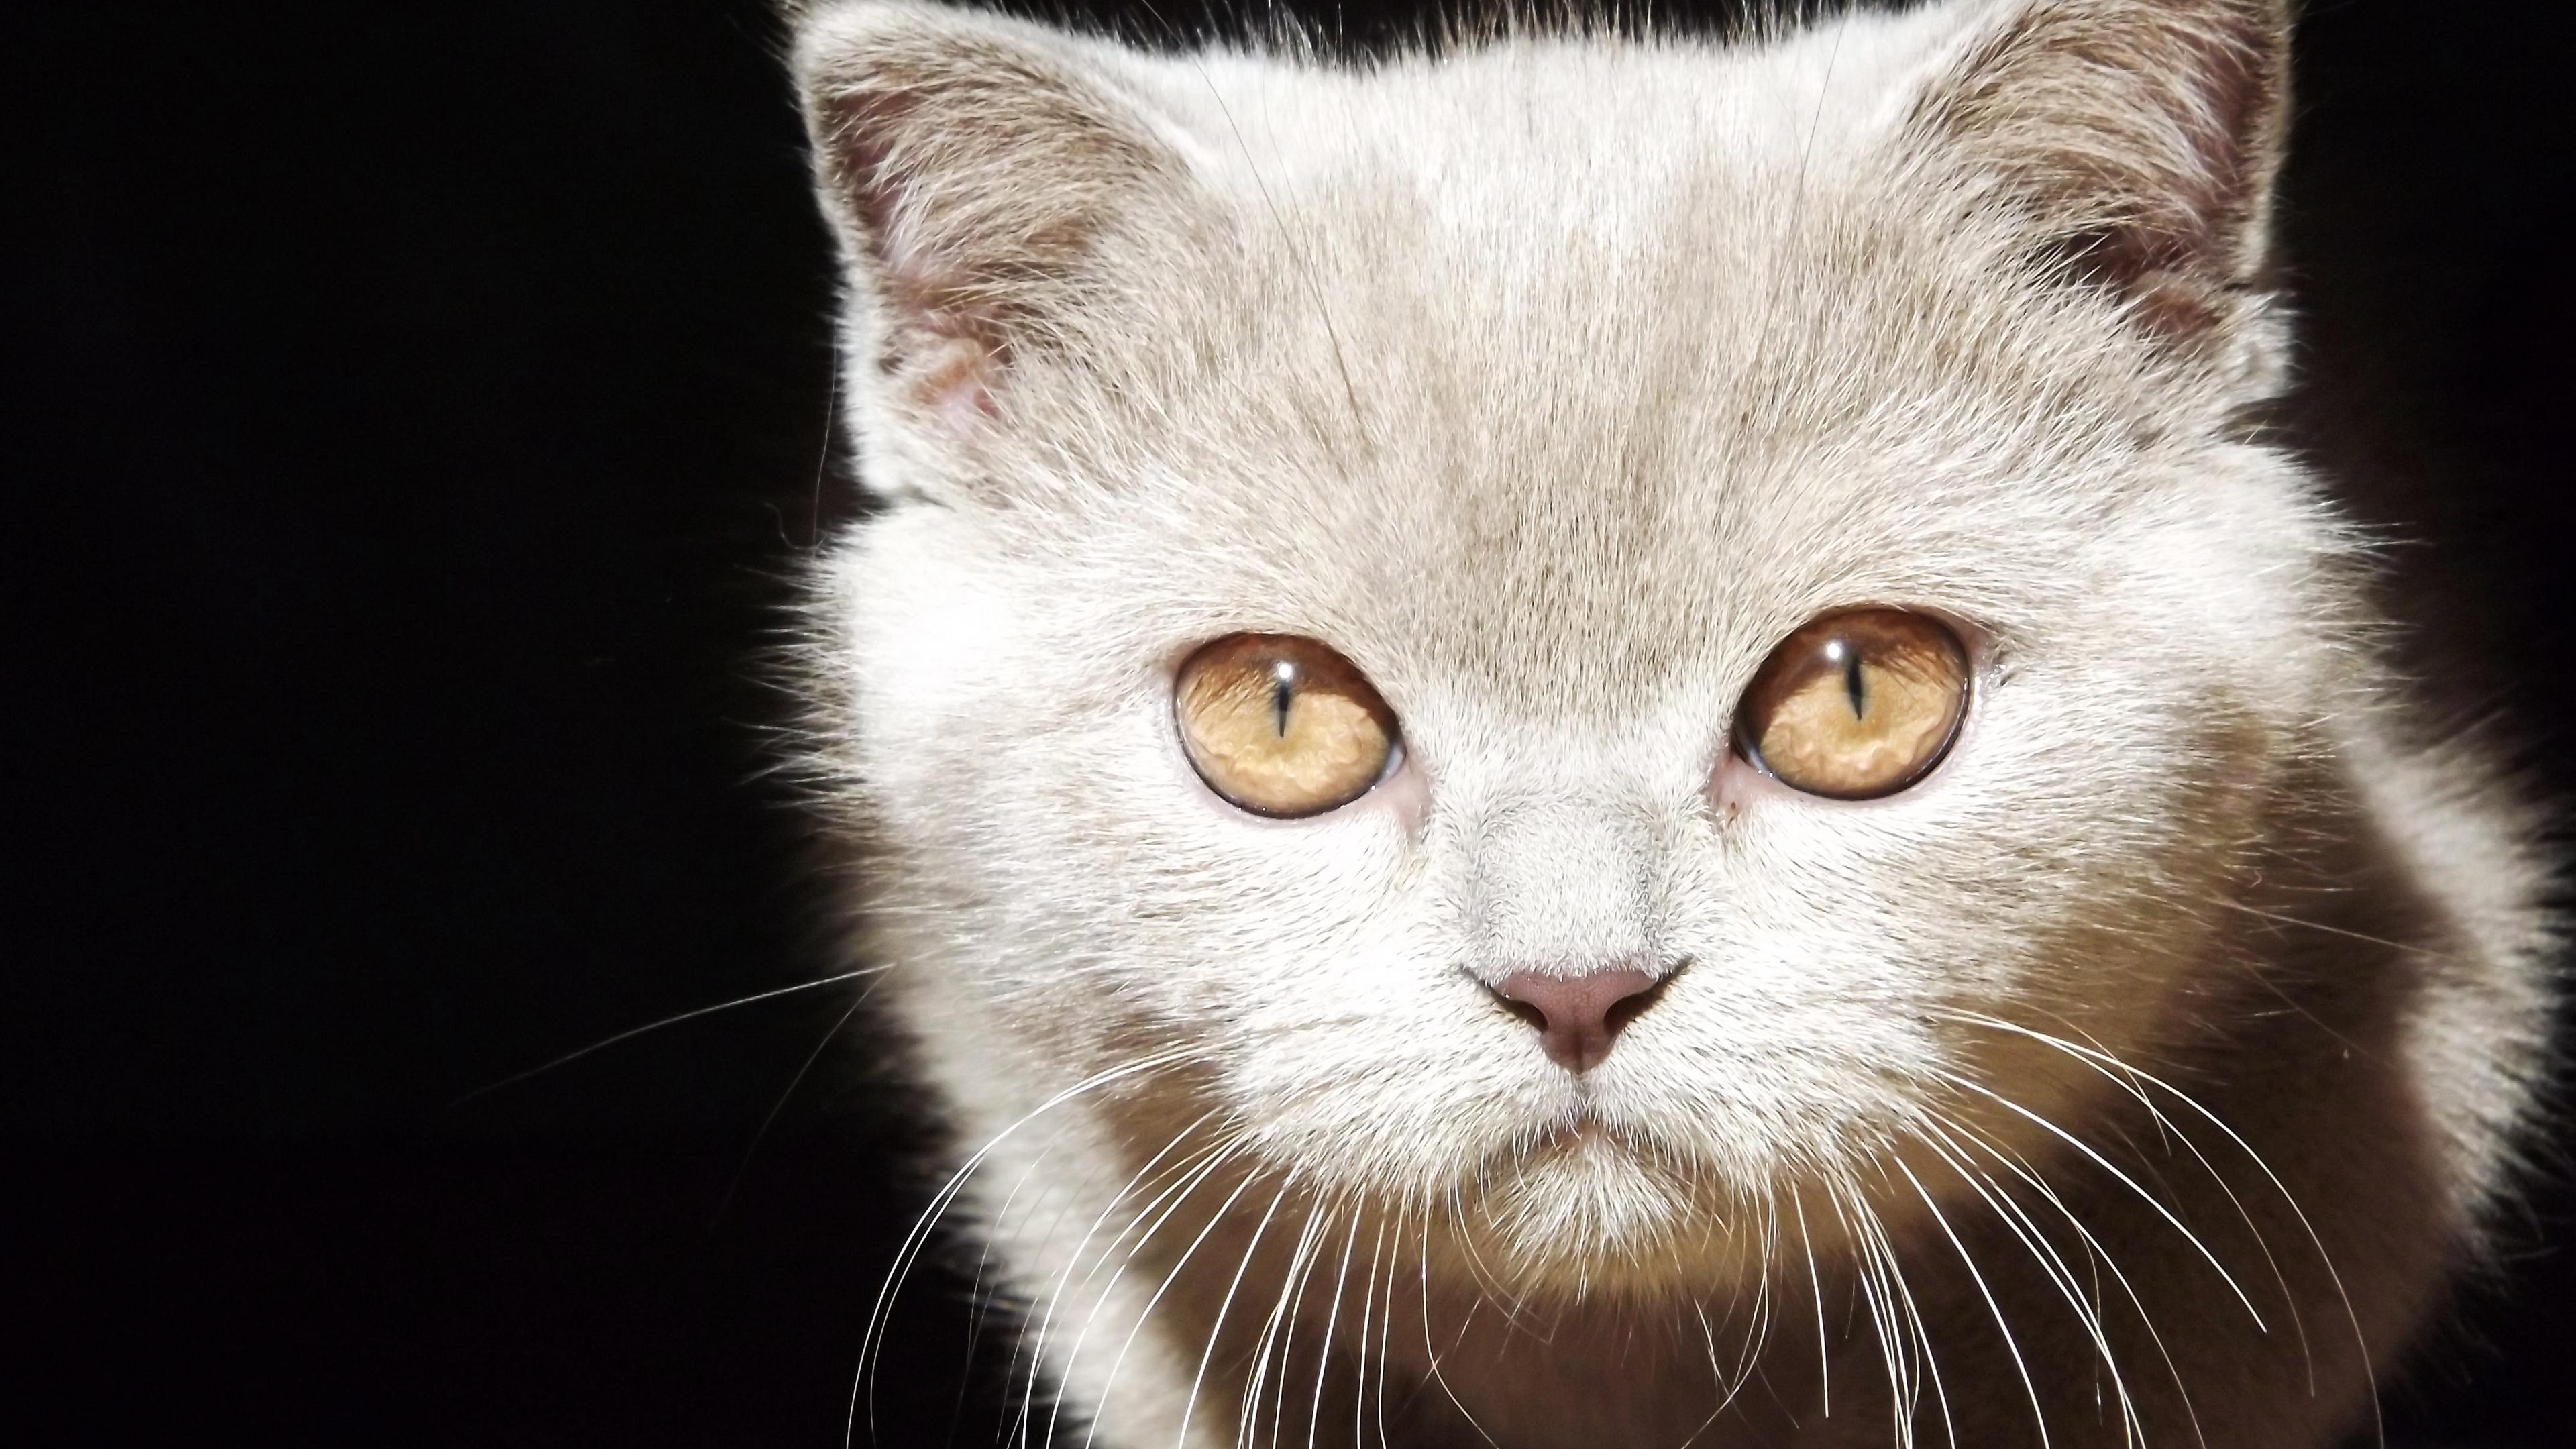 kitten face eyes background 4k 1542241553 - kitten, face, eyes, background 4k - Kitten, Face, Eyes